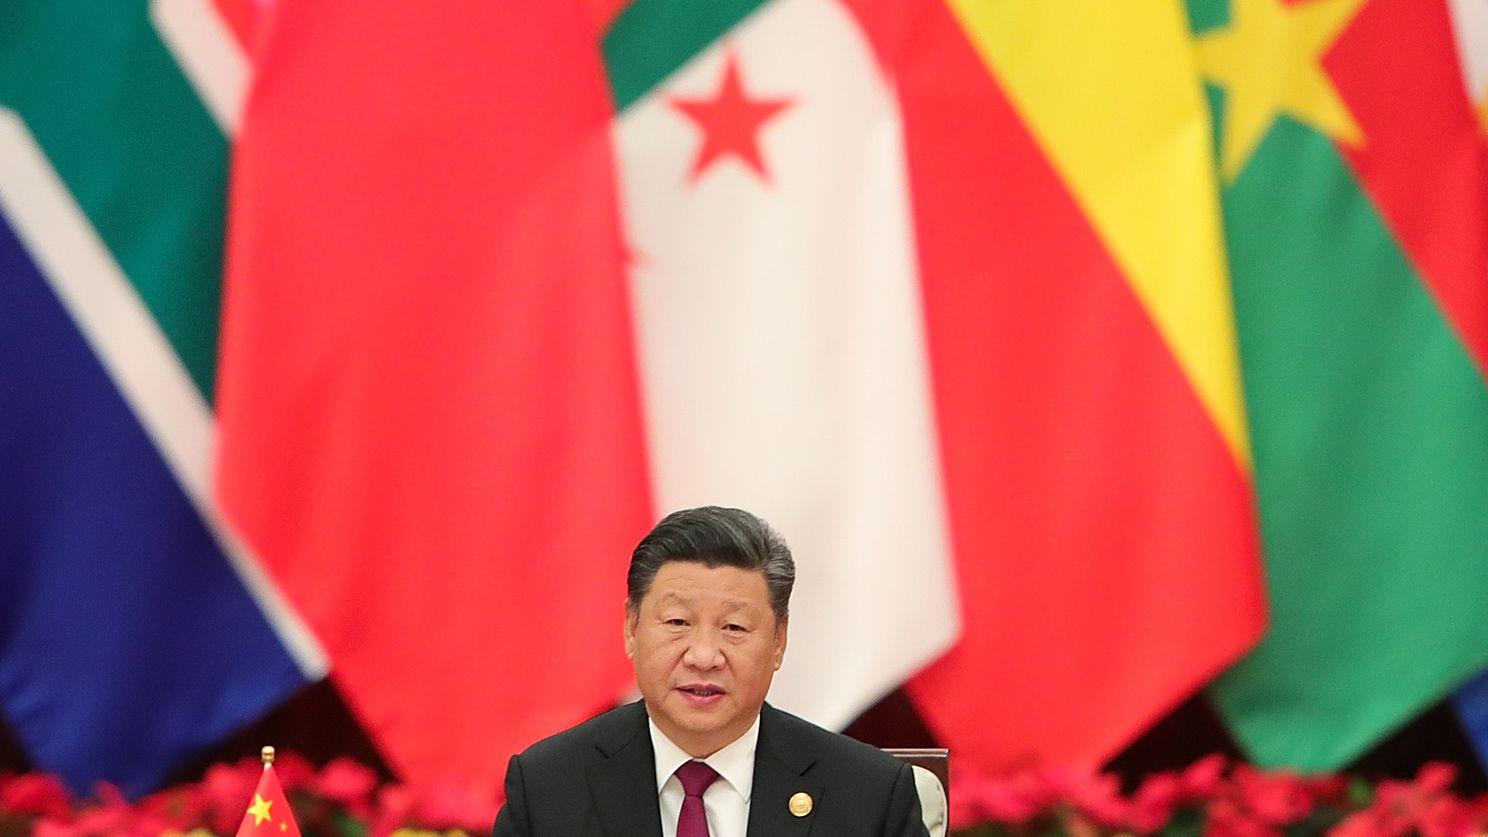 世界一のAI大国ぶち上げた 中国首脳が呼びかける 「国際協調」の真意